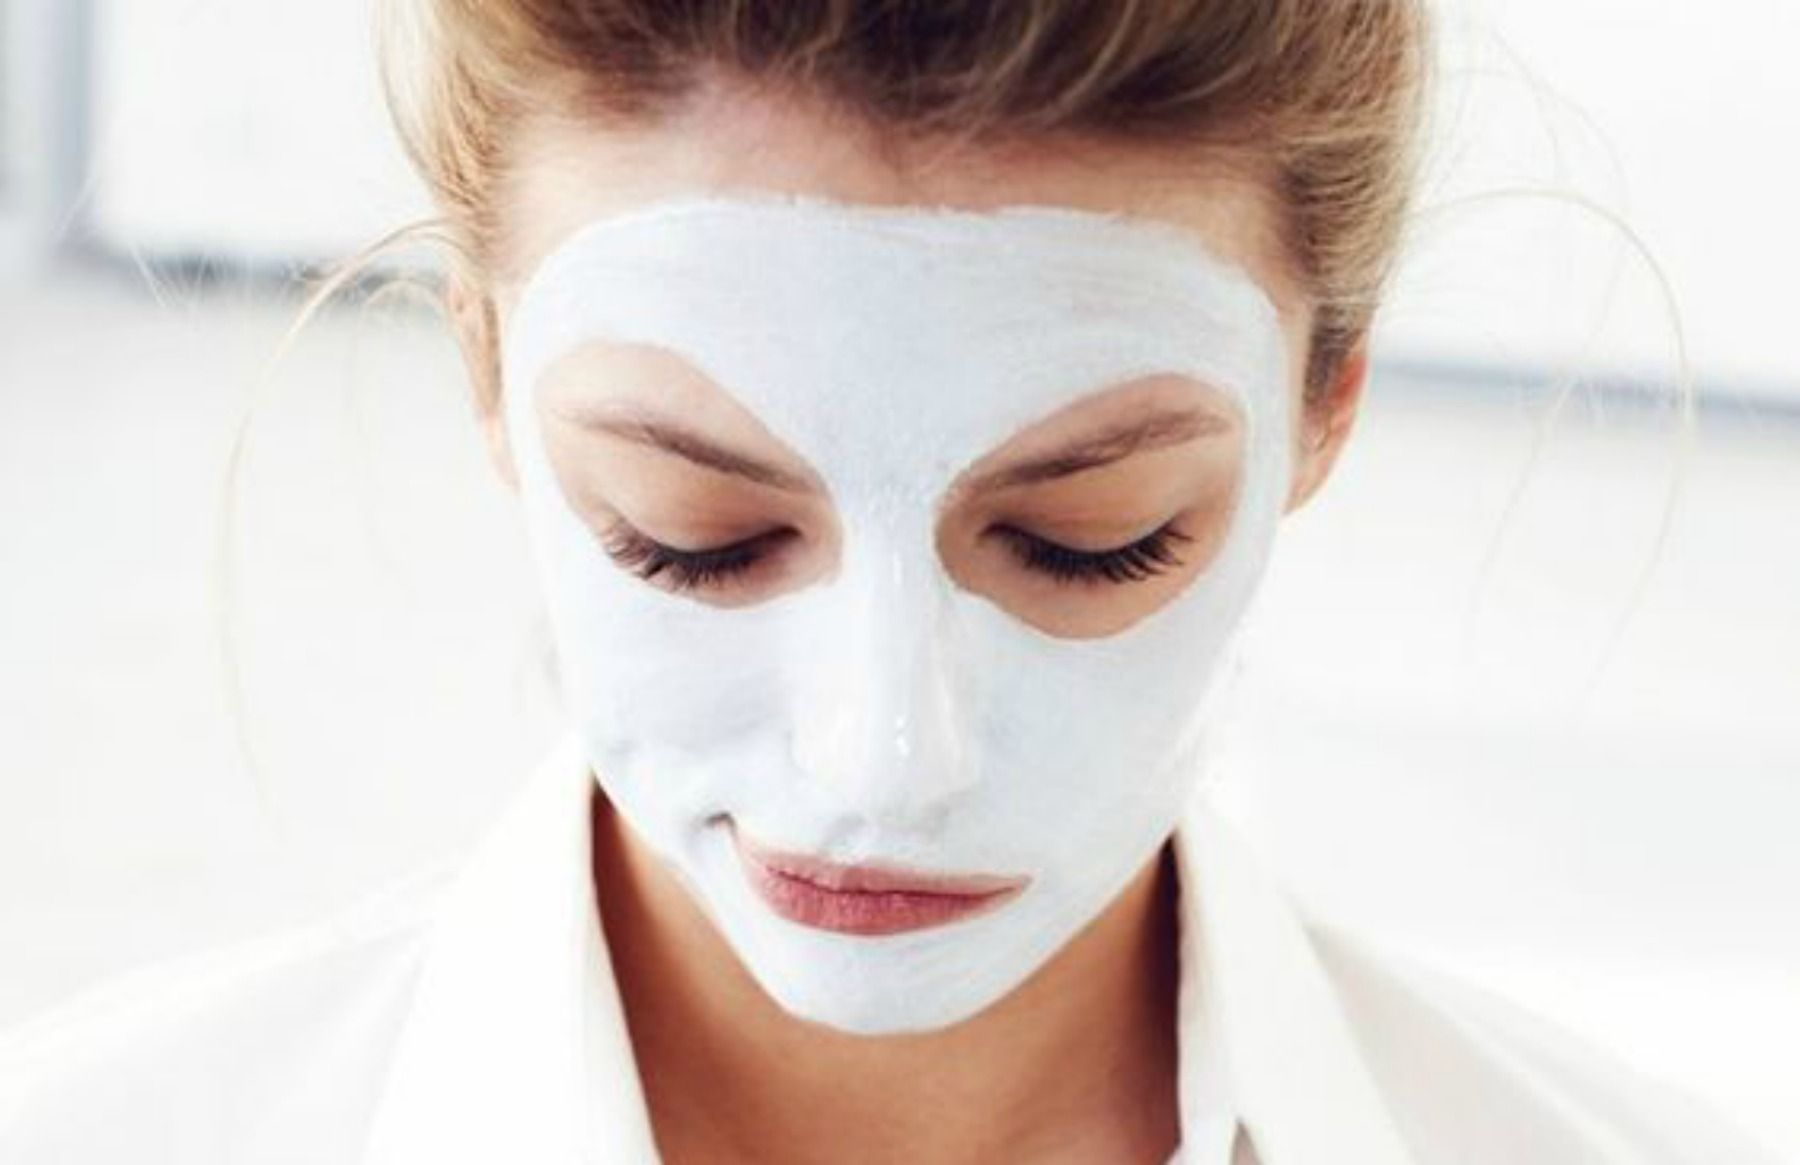 Perchè dovresti applicare una maschera fatta con l'albume d'uovo sul viso